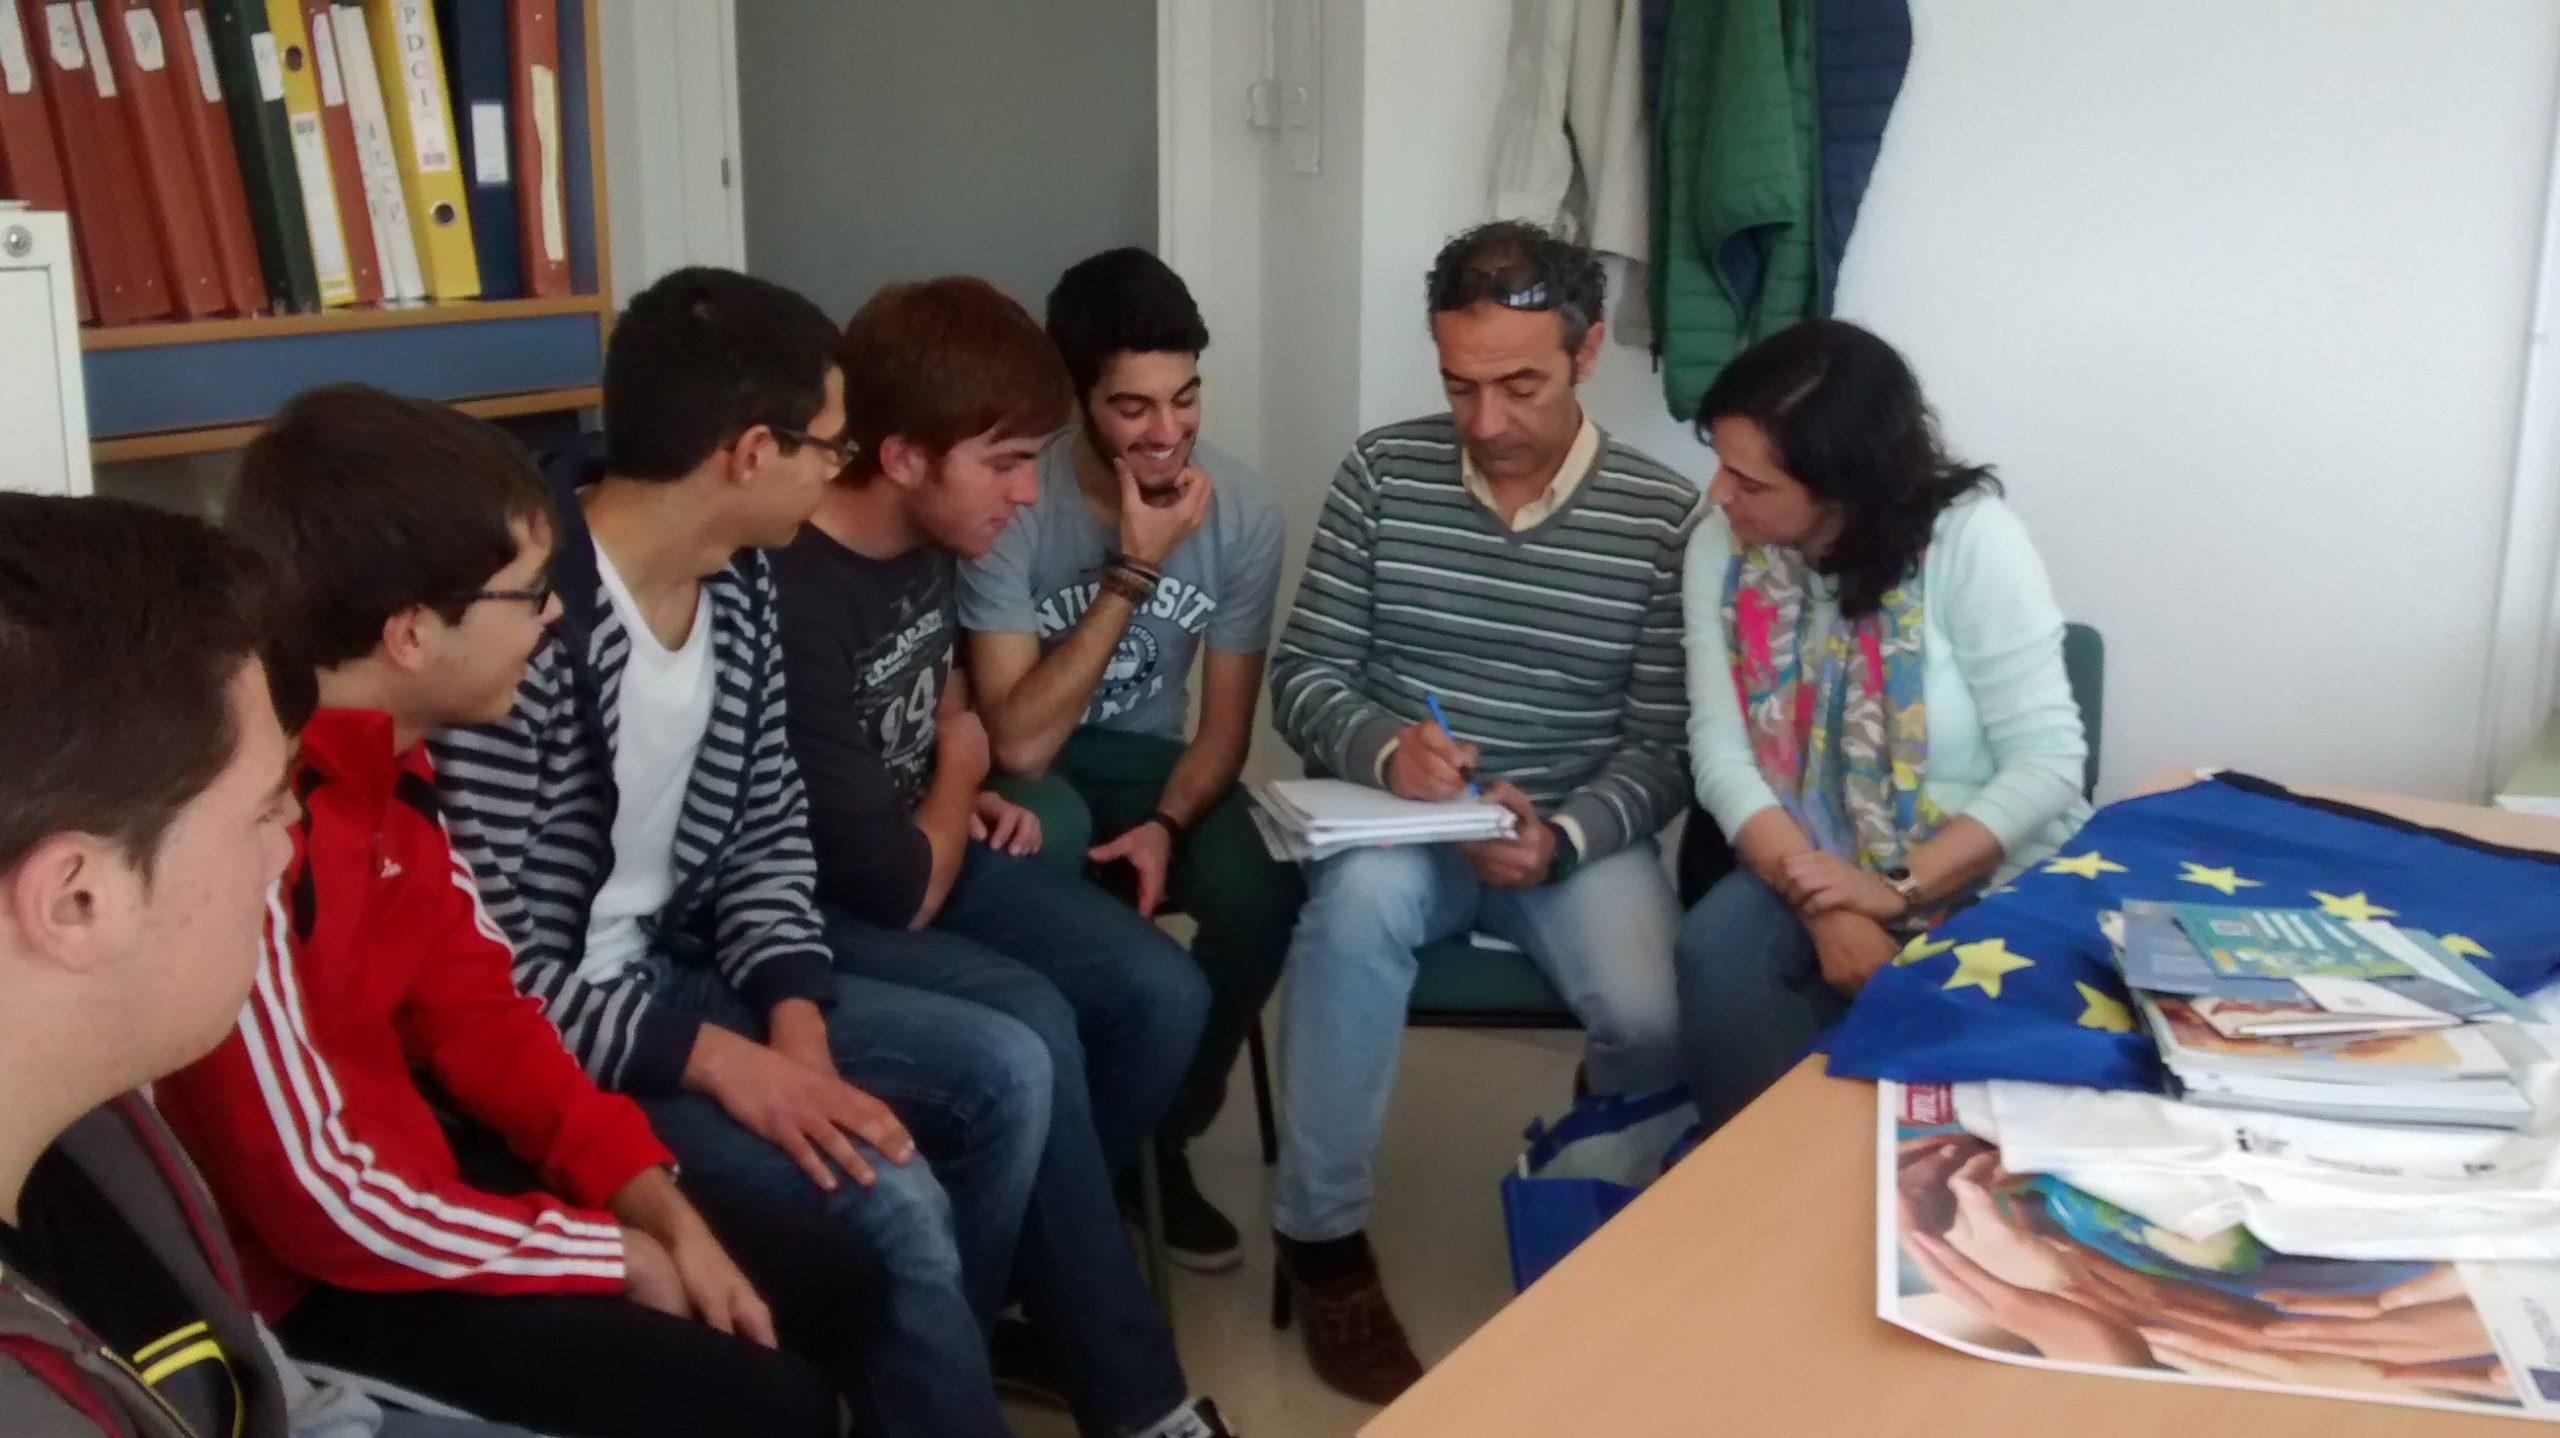 Reunión grupo de jóvenes del IES Felipe Solís de Cabra. 12 de marzo de 2015.